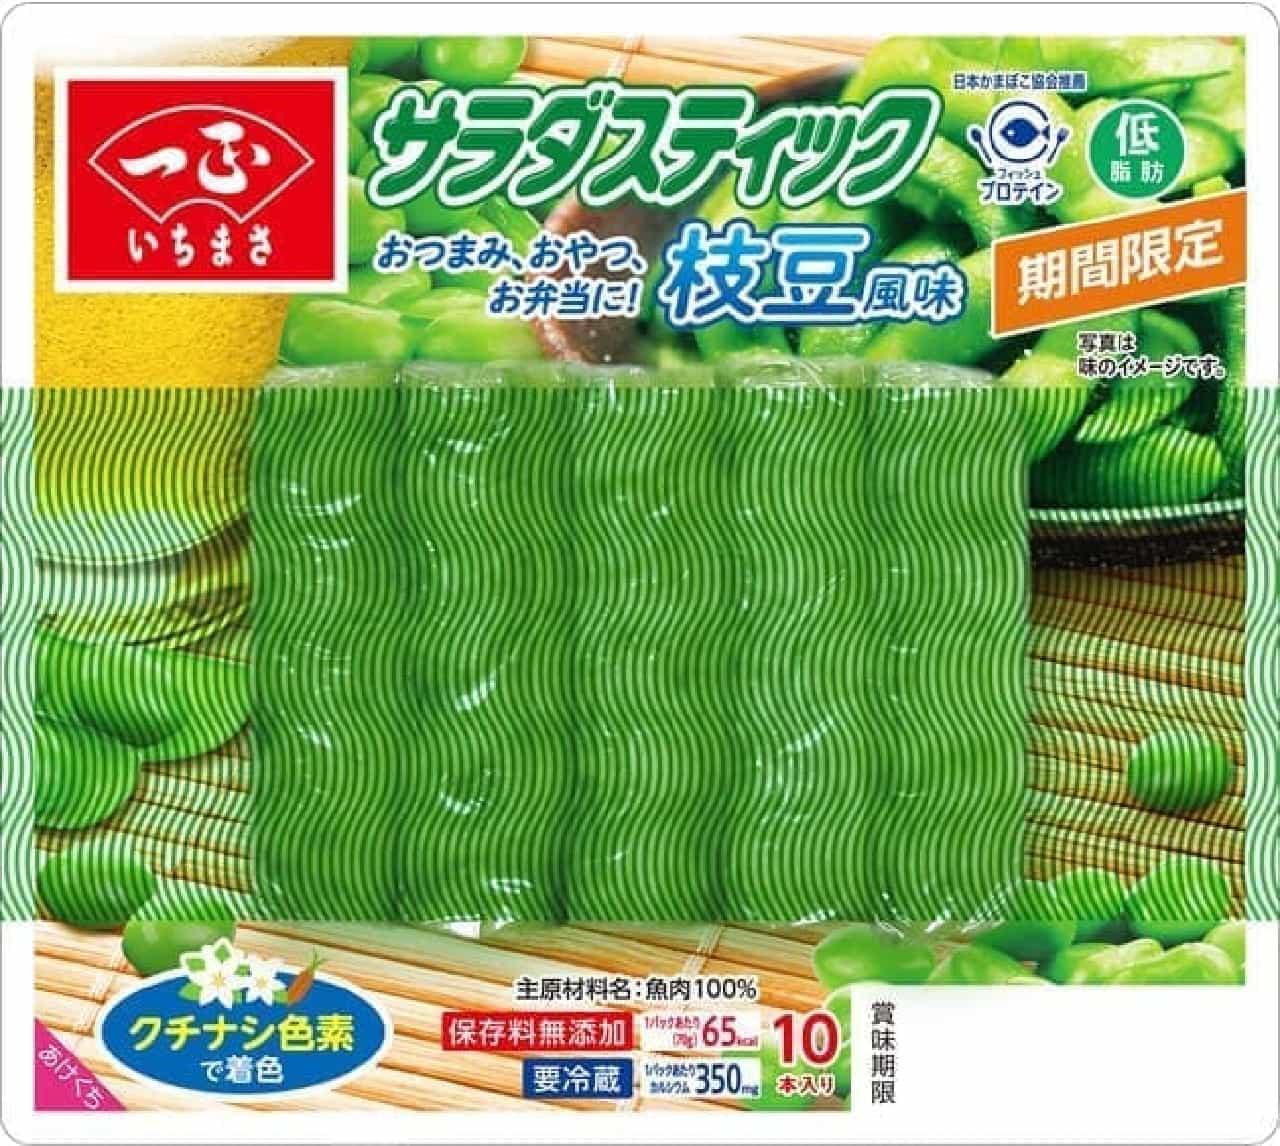 いちまさのカニかま「サラダスティック 枝豆風味」